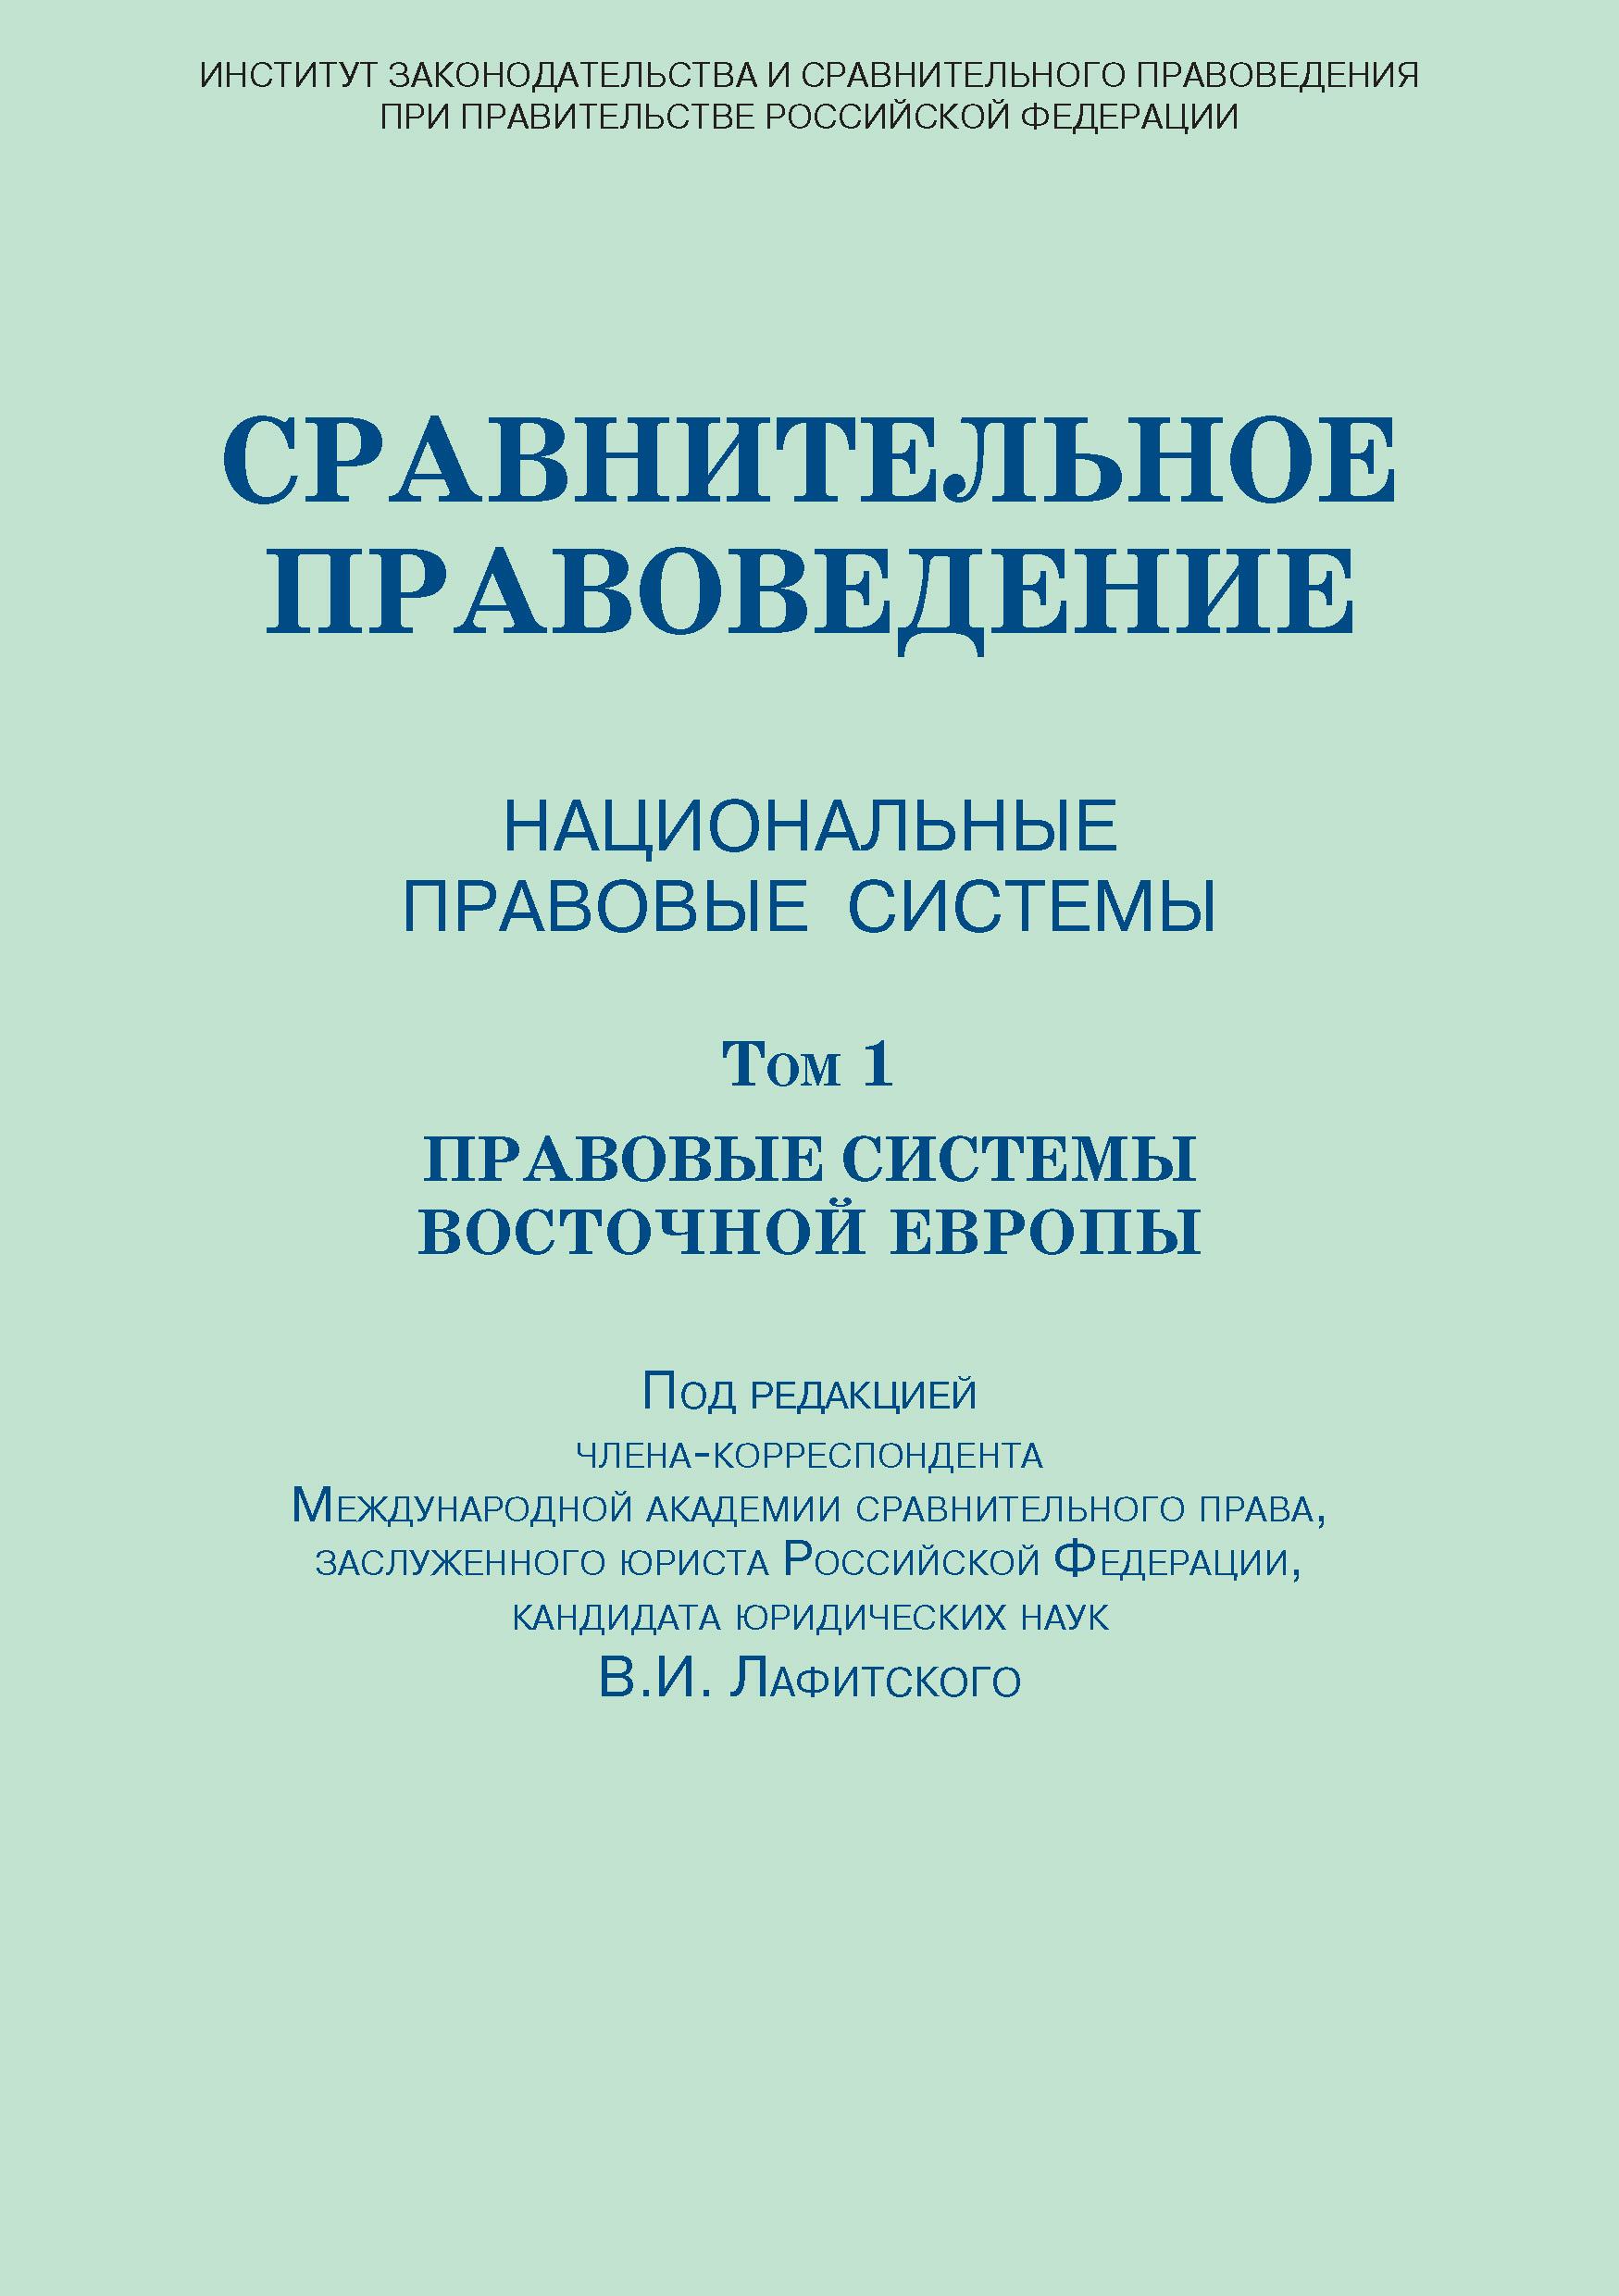 Коллектив авторов Сравнительное правоведение. Национальные правовые системы. Том 1. Правовые системы Восточной Европы